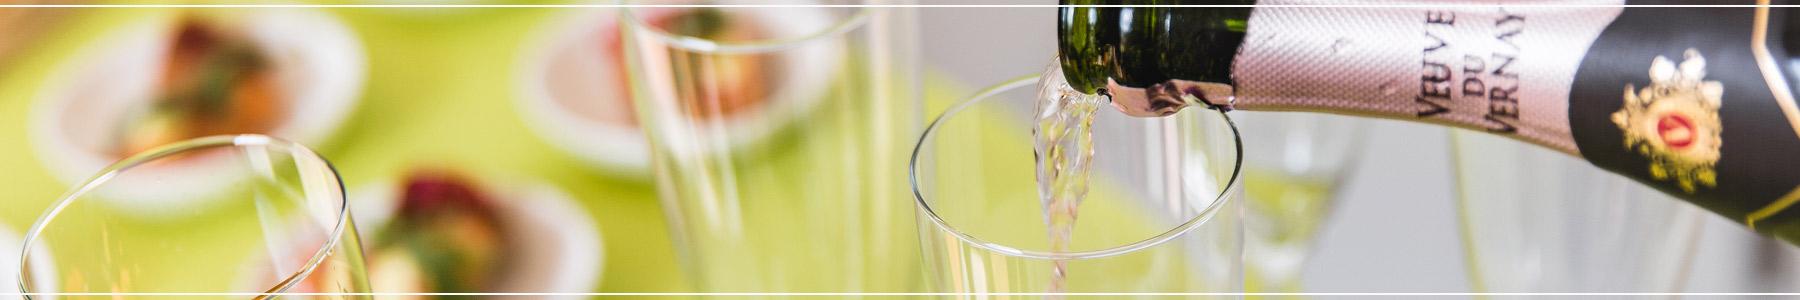 Sliderafbeelding waar glazen ingeschonken worden met champagne